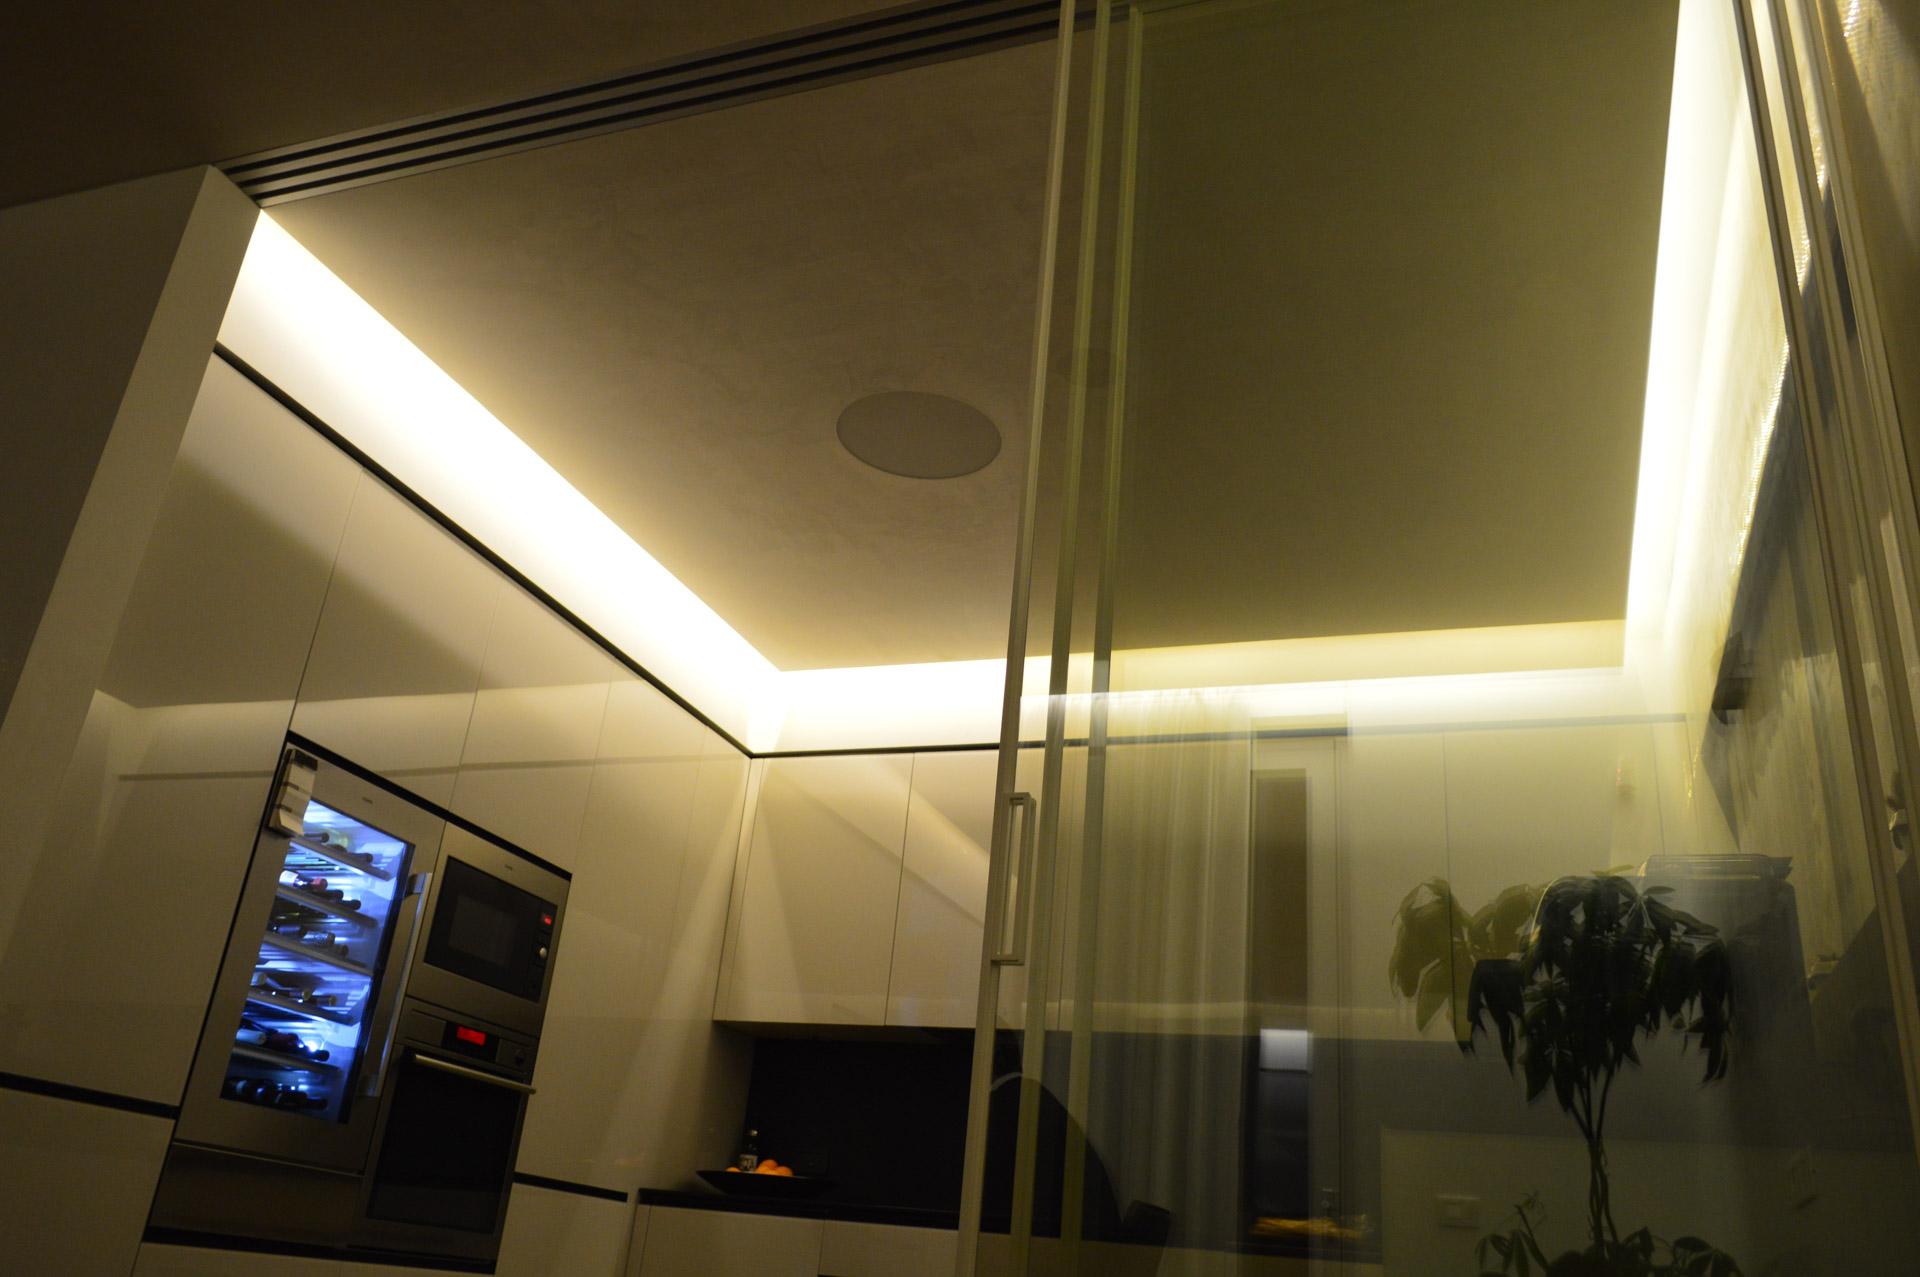 Cucina - Casa privata - Kitchen - Private house